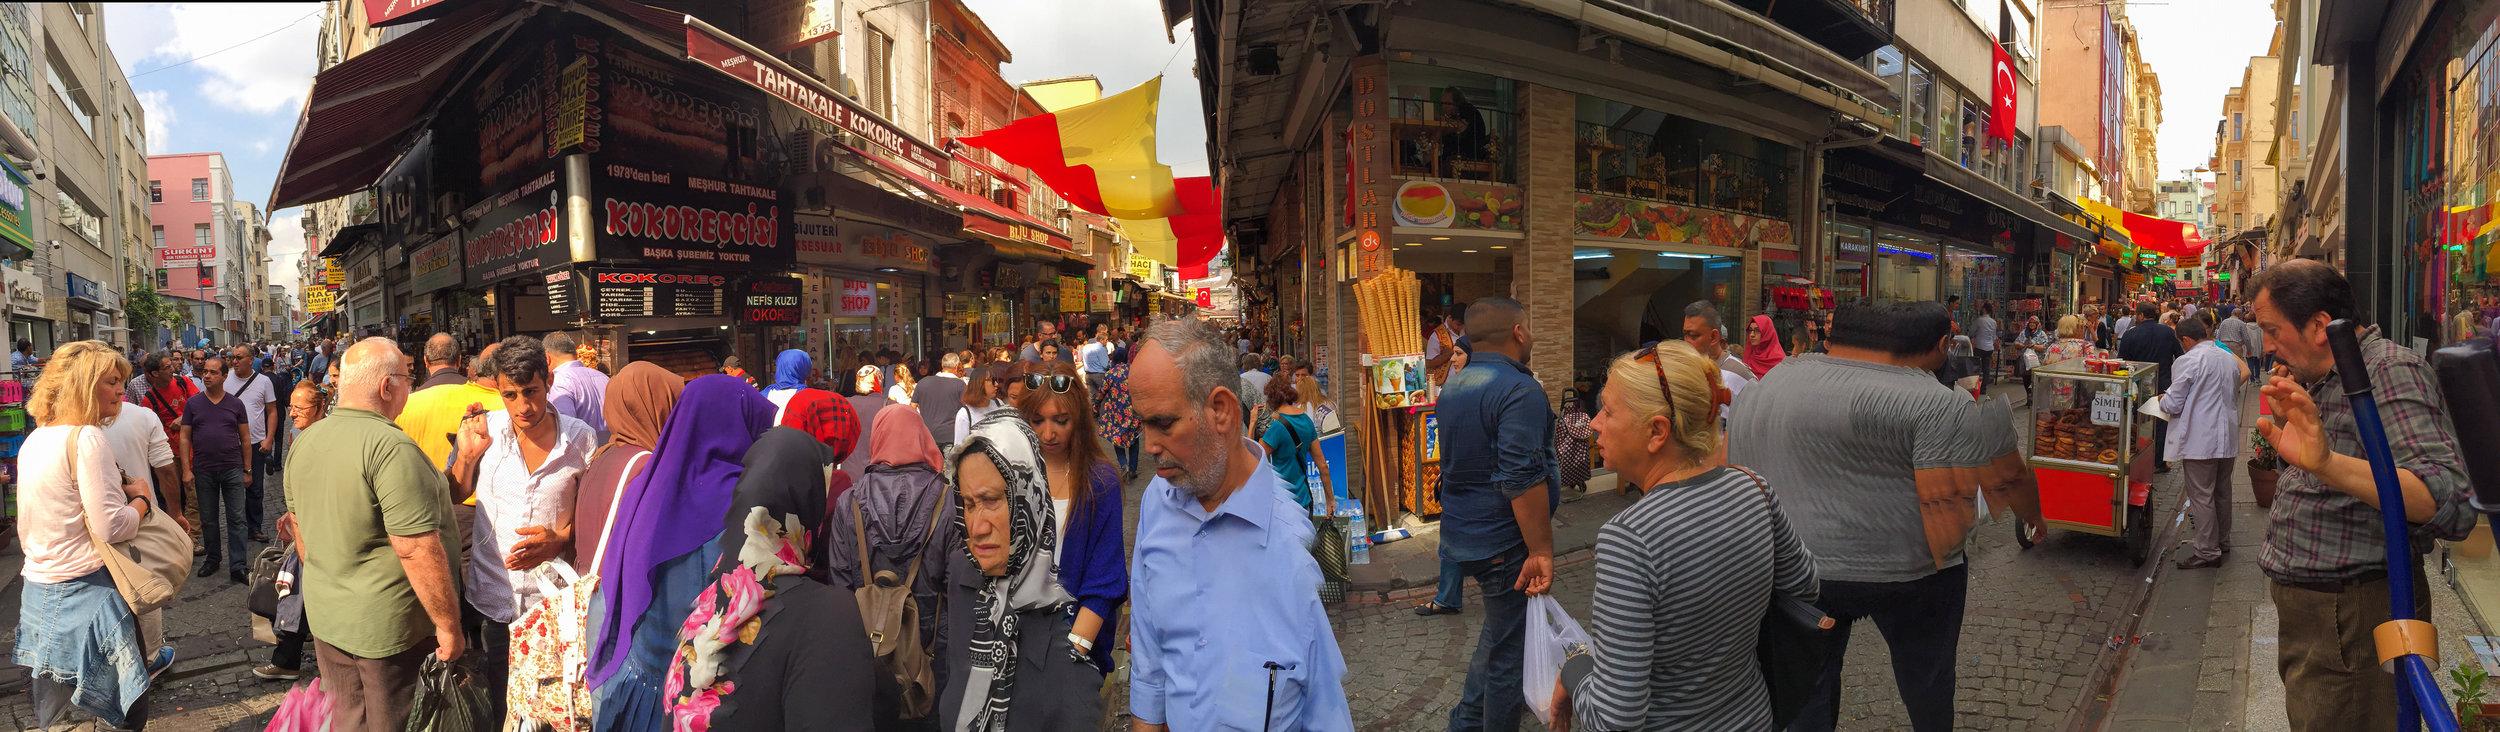 Eminonu Market